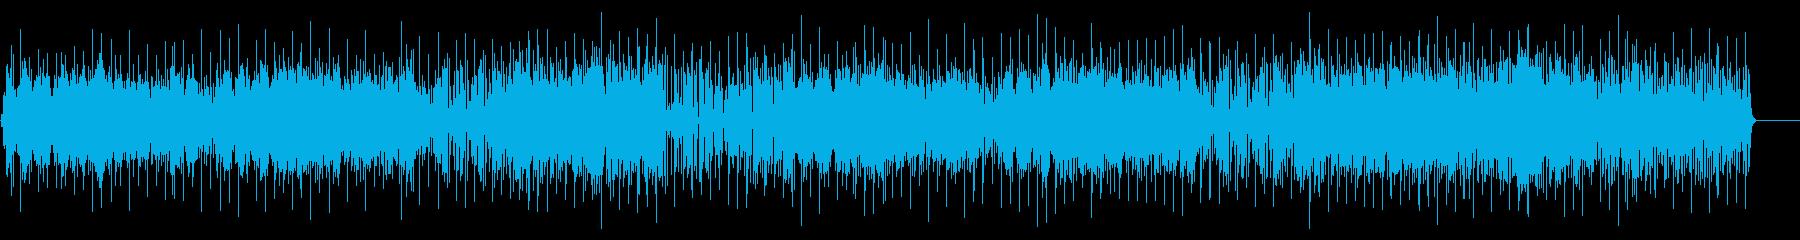 お洒落なフュージョン/ポップ/BGの再生済みの波形